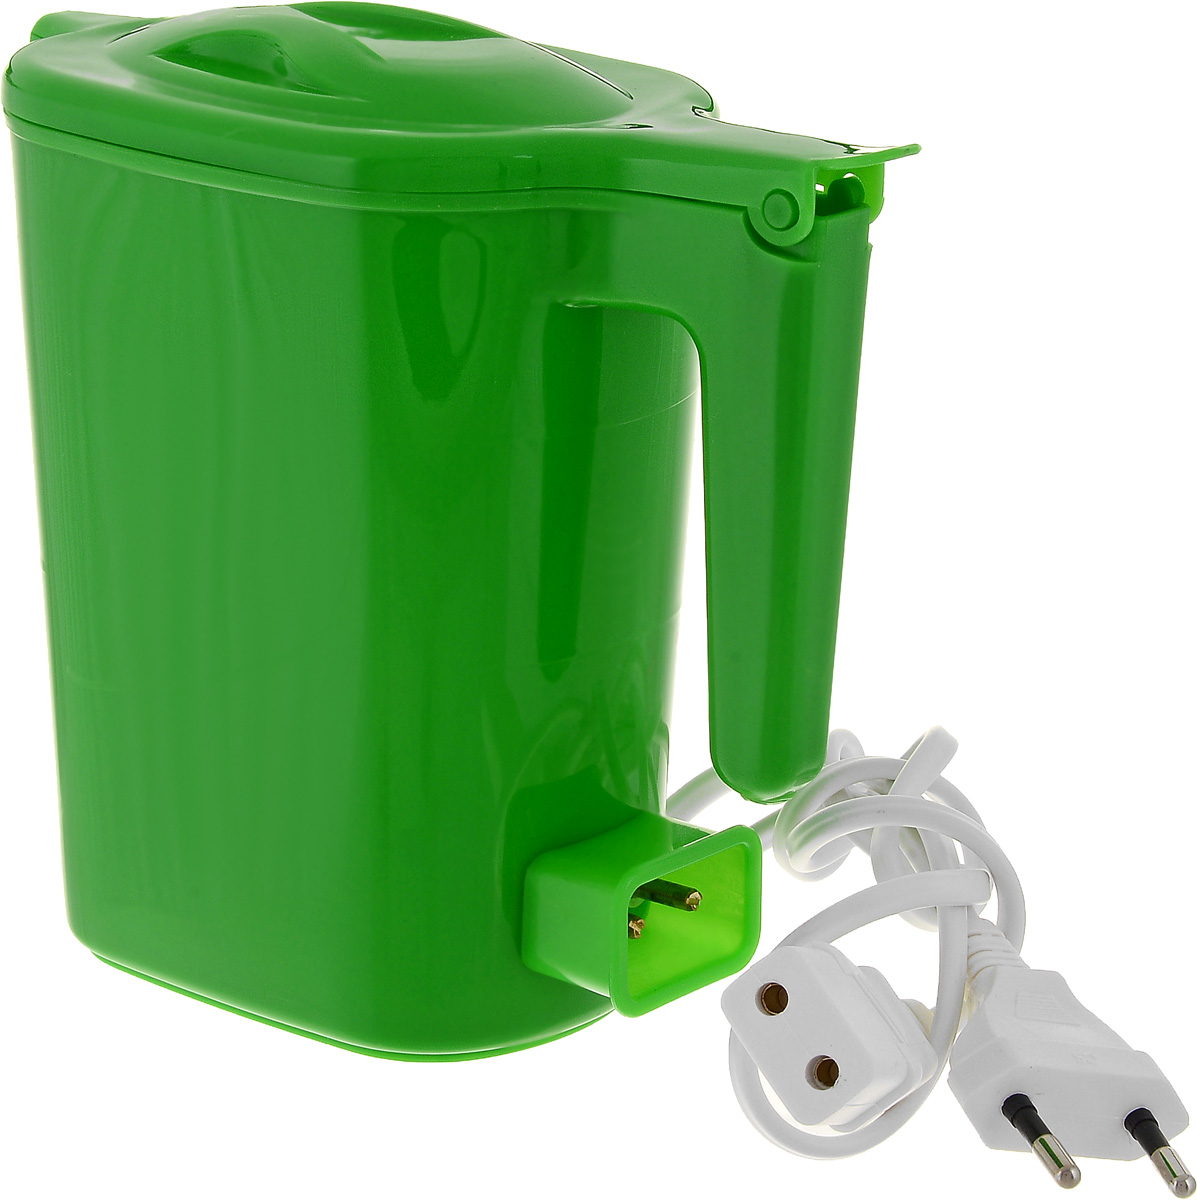 Электрический чайник Мастерица ЭЧ 0,5/0,5-220, цвет зеленый Мастерица